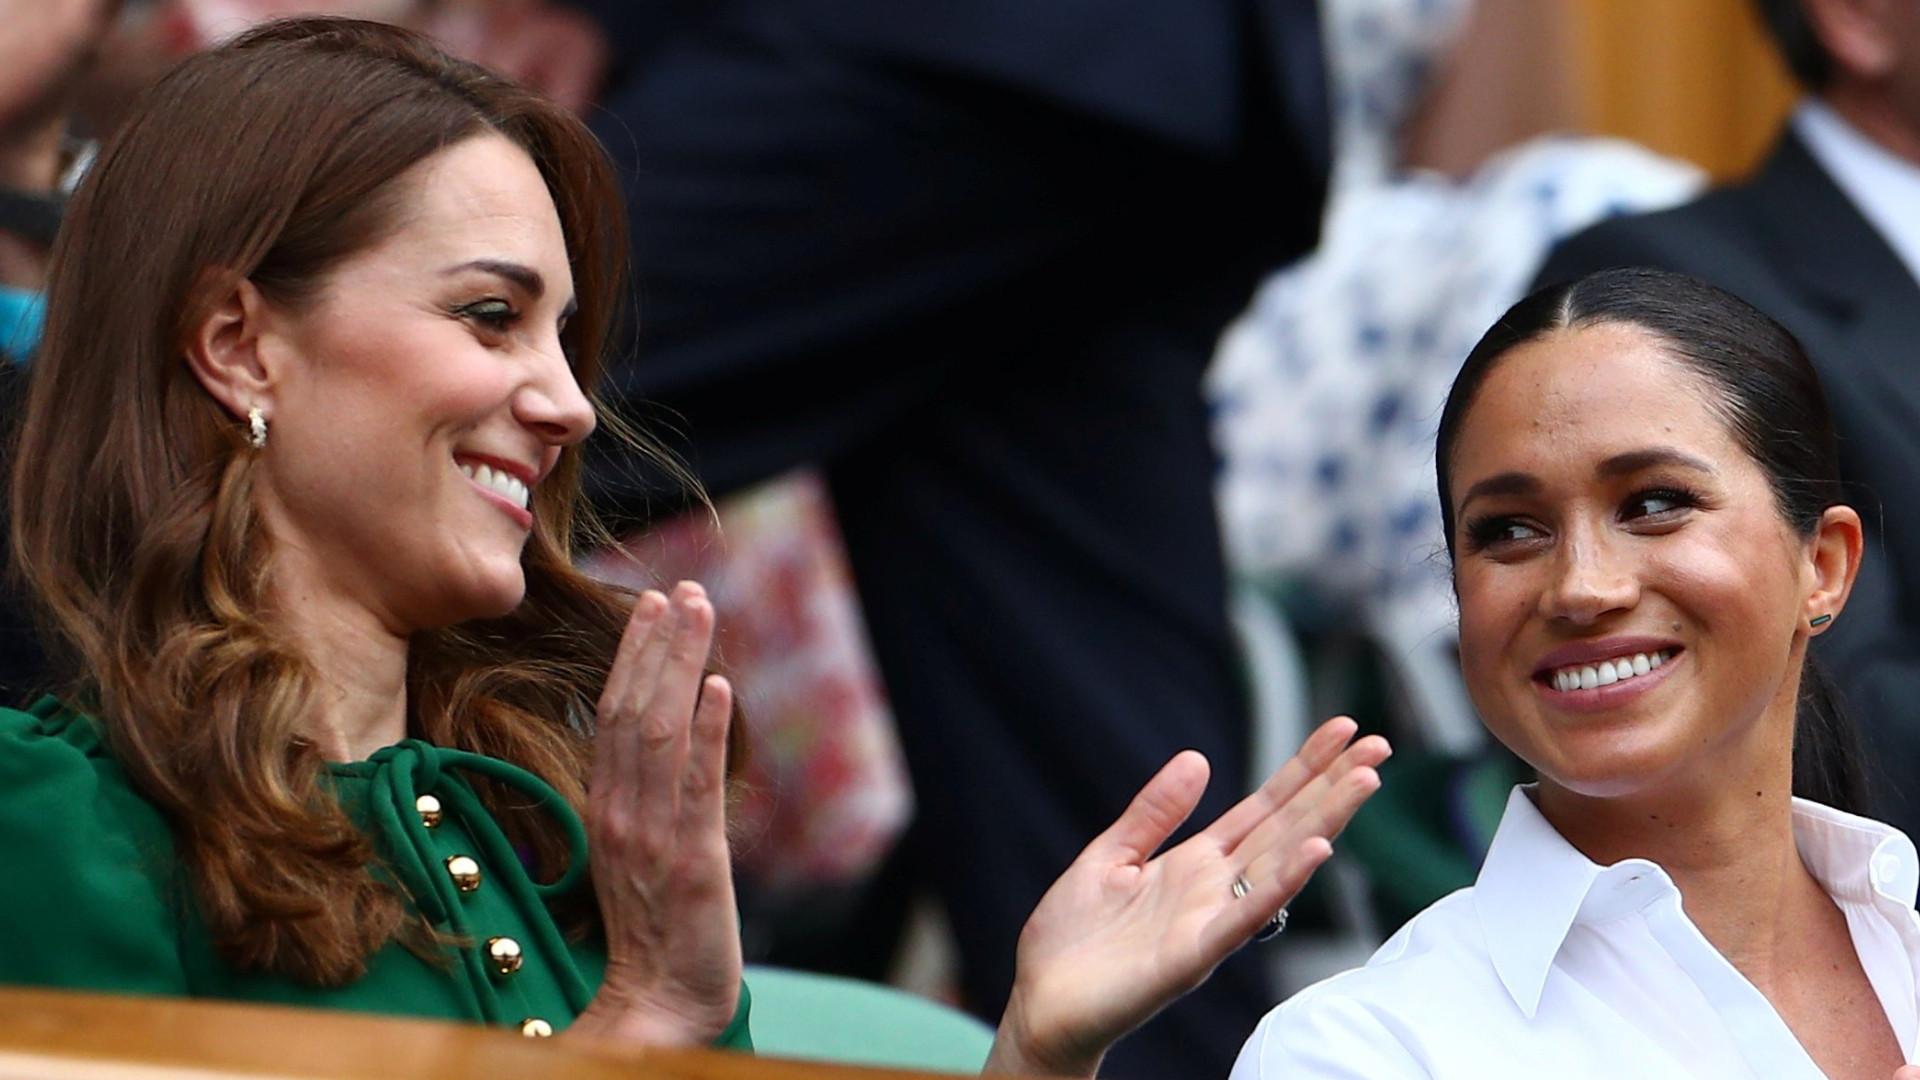 Księżne RAZEM na Wimbledonie – Kate wypadła SŁABO przy Meghan (ZDJĘCIA)